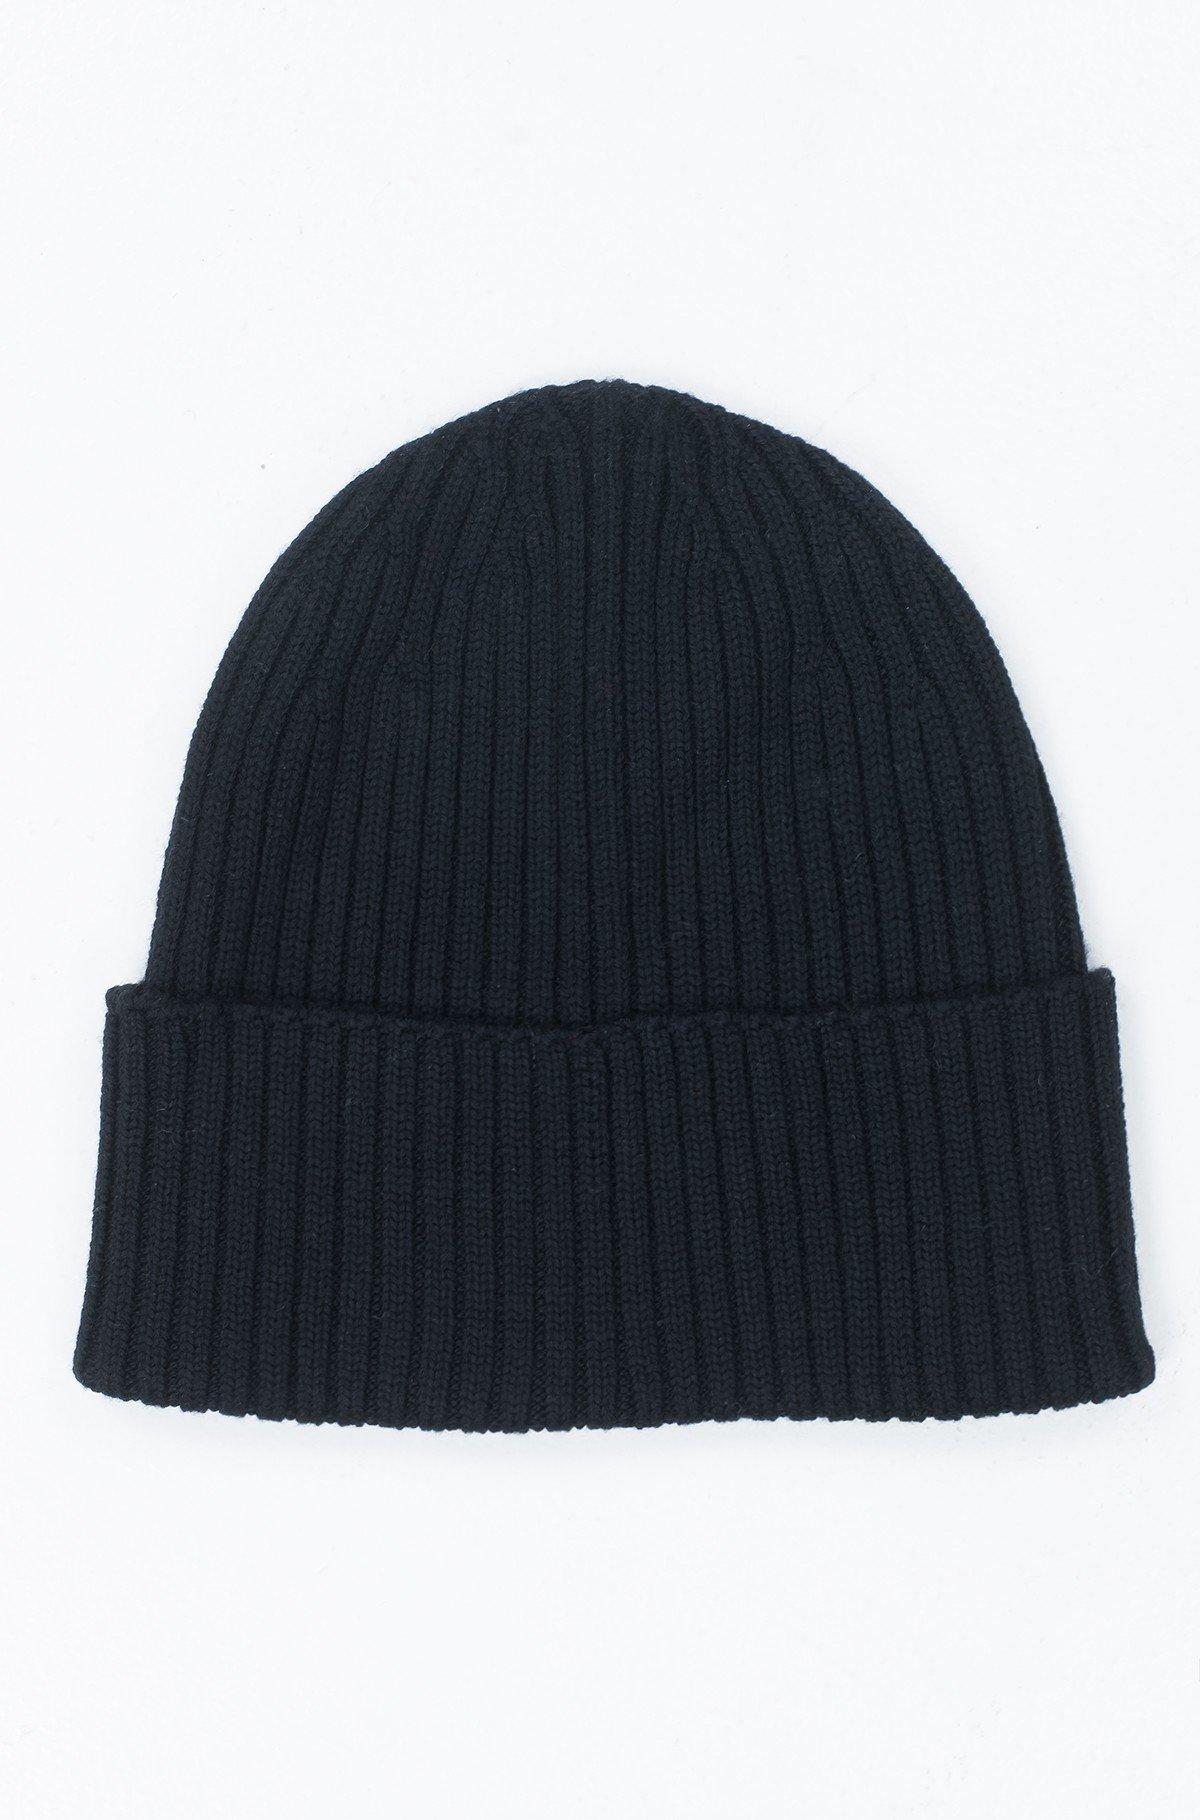 Hat 835349-full-1